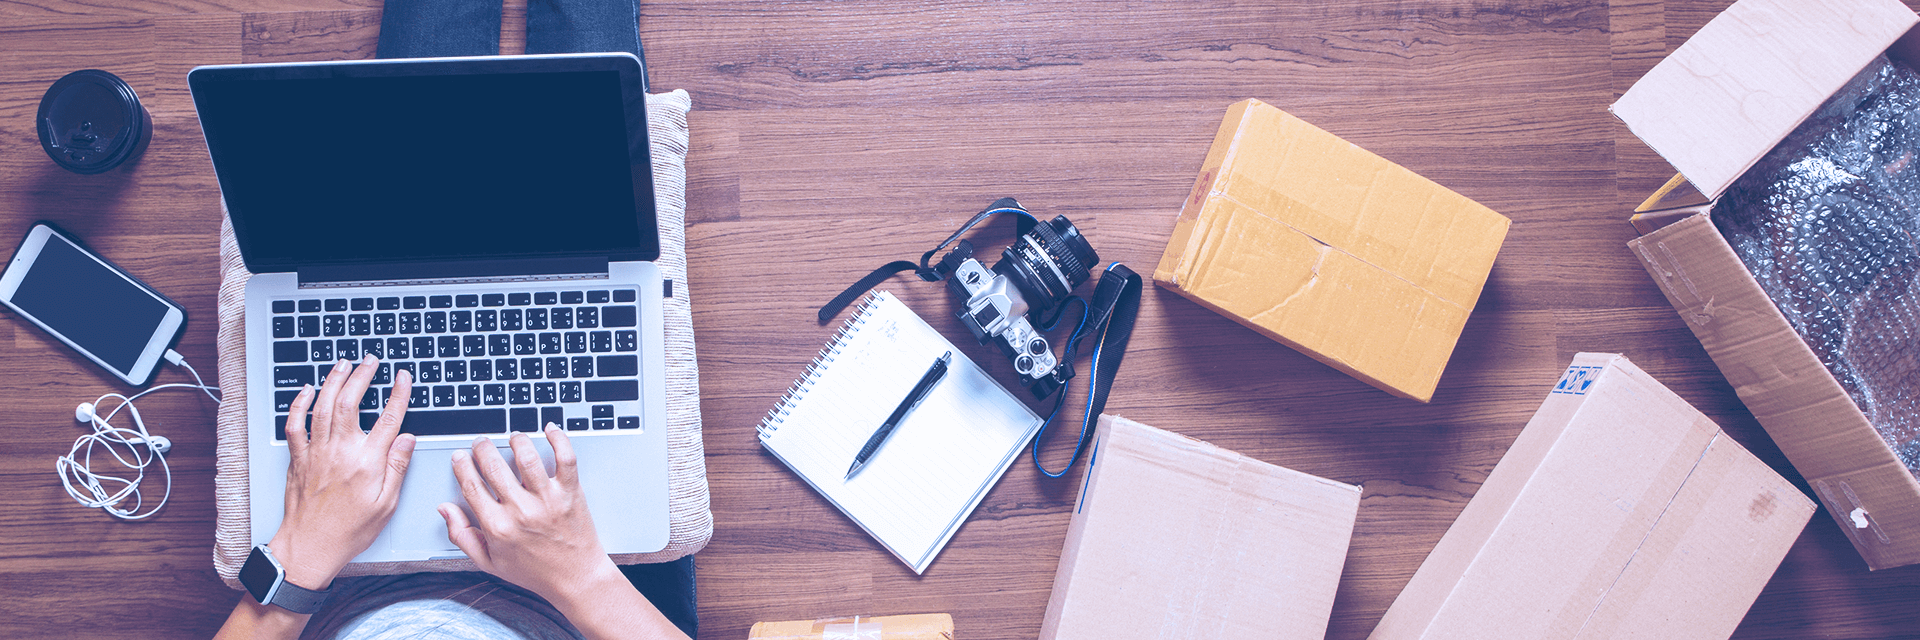 5 dicas para criar um site profissional para o seu negócio